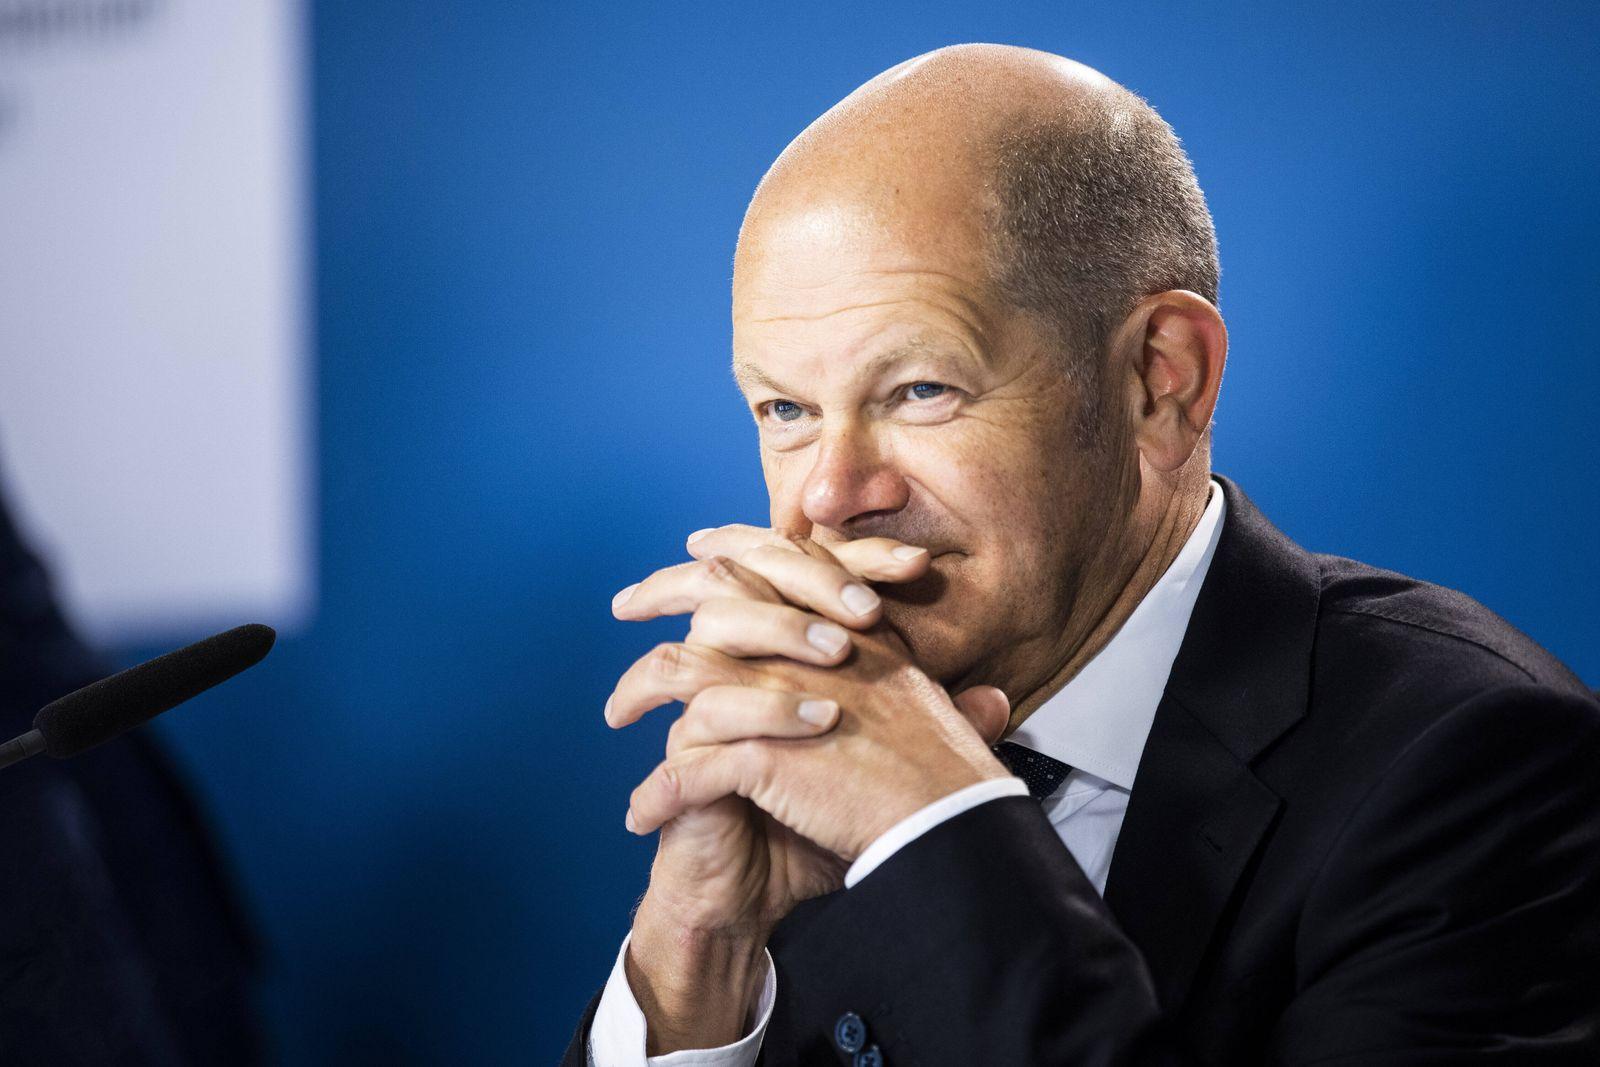 Olaf Scholz, Bundesminister der Finanzen, aufgenommen im Rahmen eines virtuellen Treffens der G7-Finanzminister in Berl